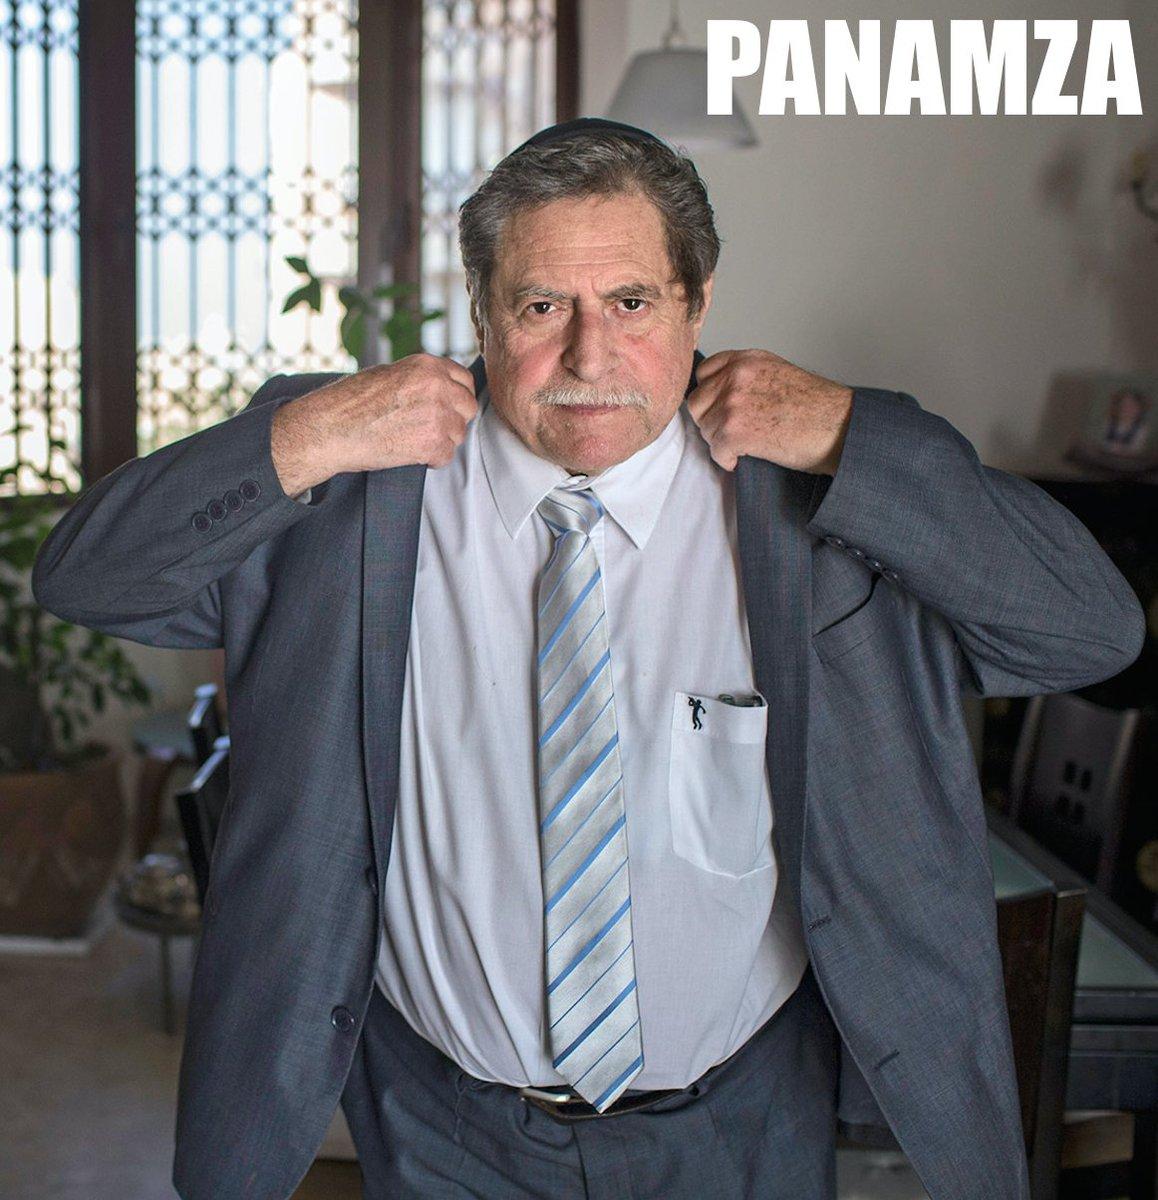 Panamza convoqué par la police à cause d'un extrémiste basé en Israël